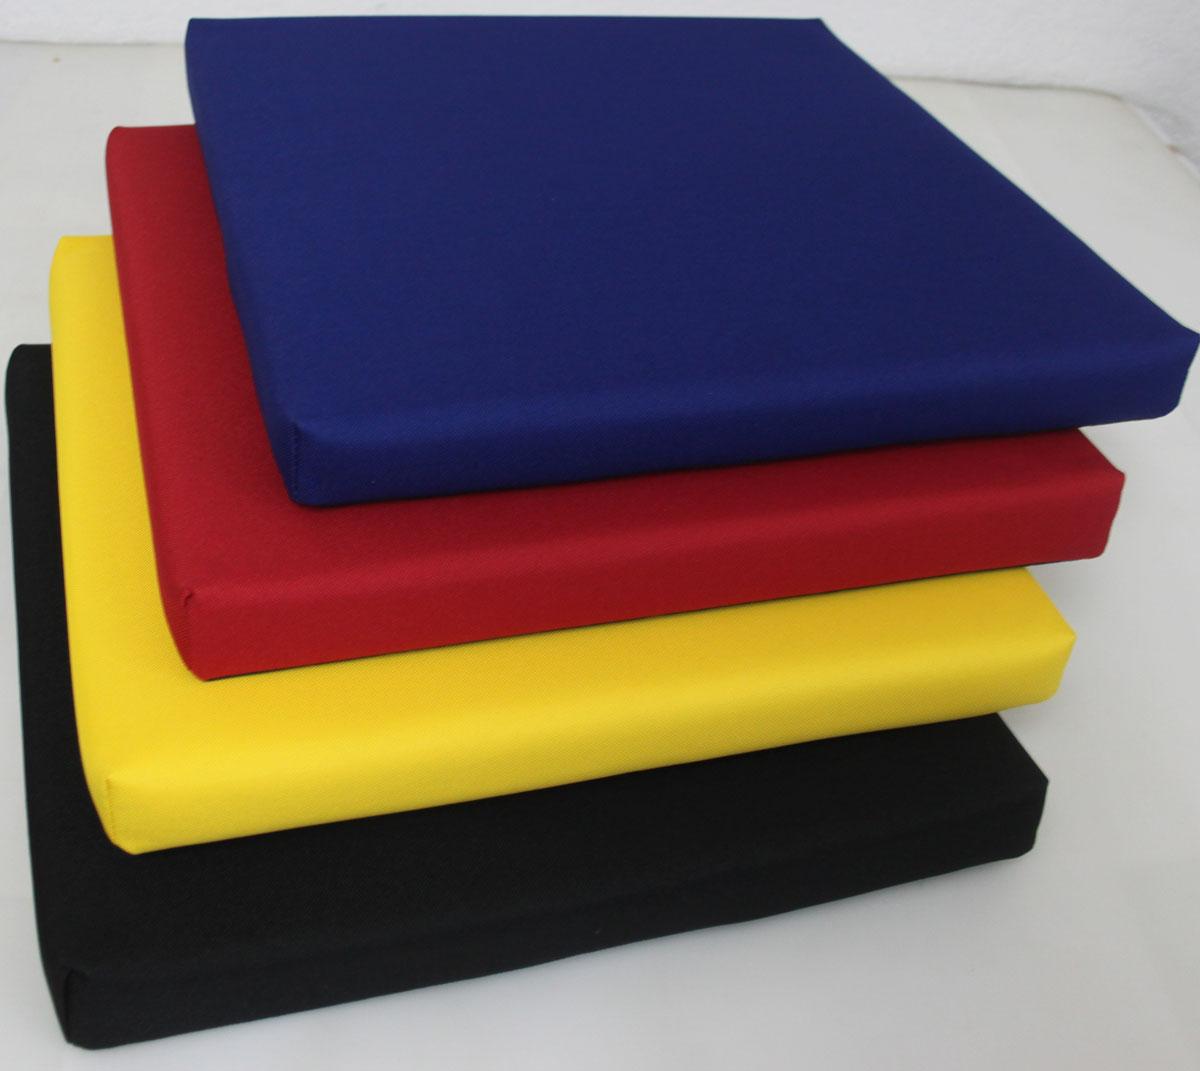 stuhlkissen sitzkissen bankkissen sitzpolster stuhlpolster auflage 40 x 40 cm. Black Bedroom Furniture Sets. Home Design Ideas